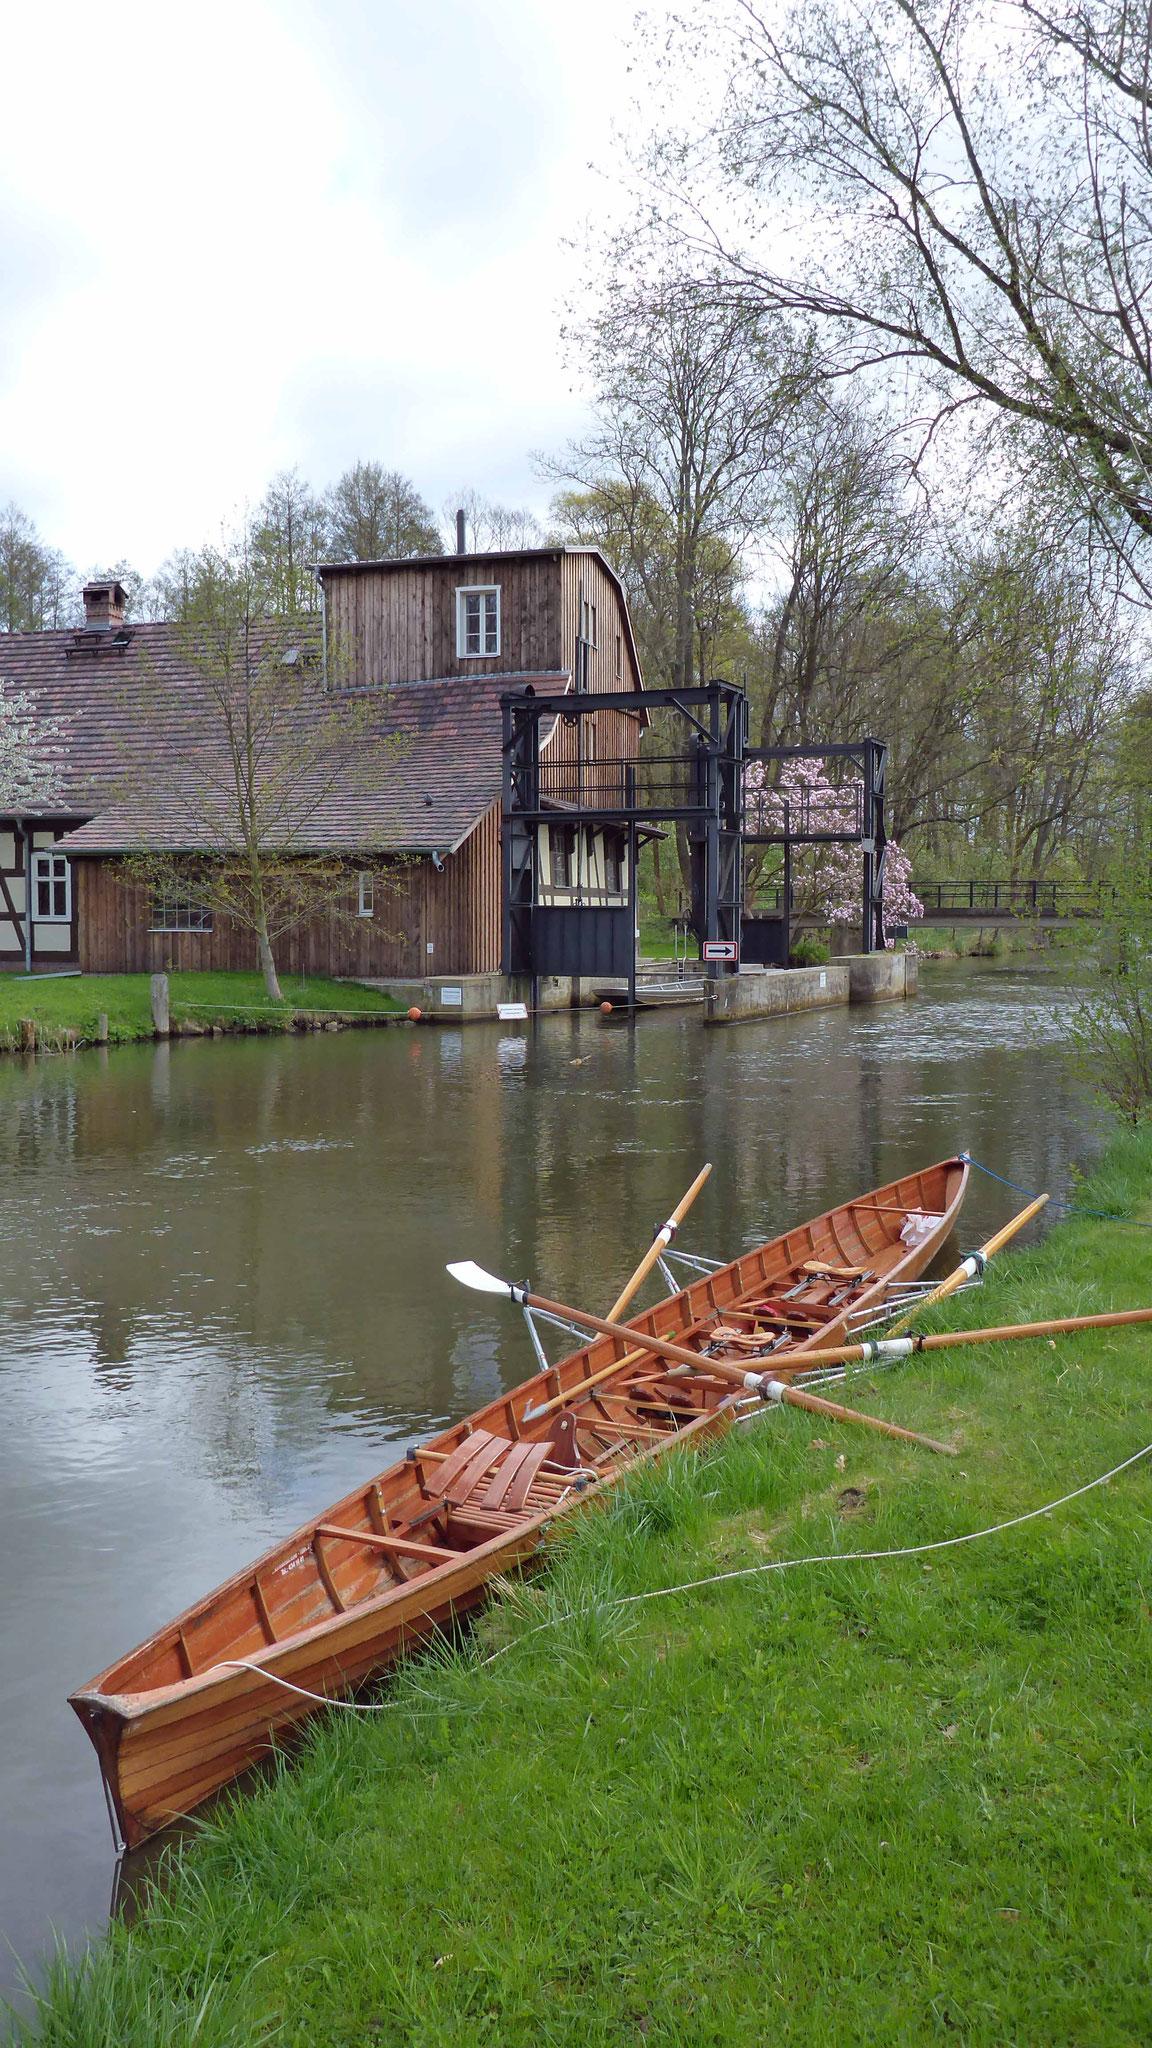 Blick auf die Radduscher Buschmühle